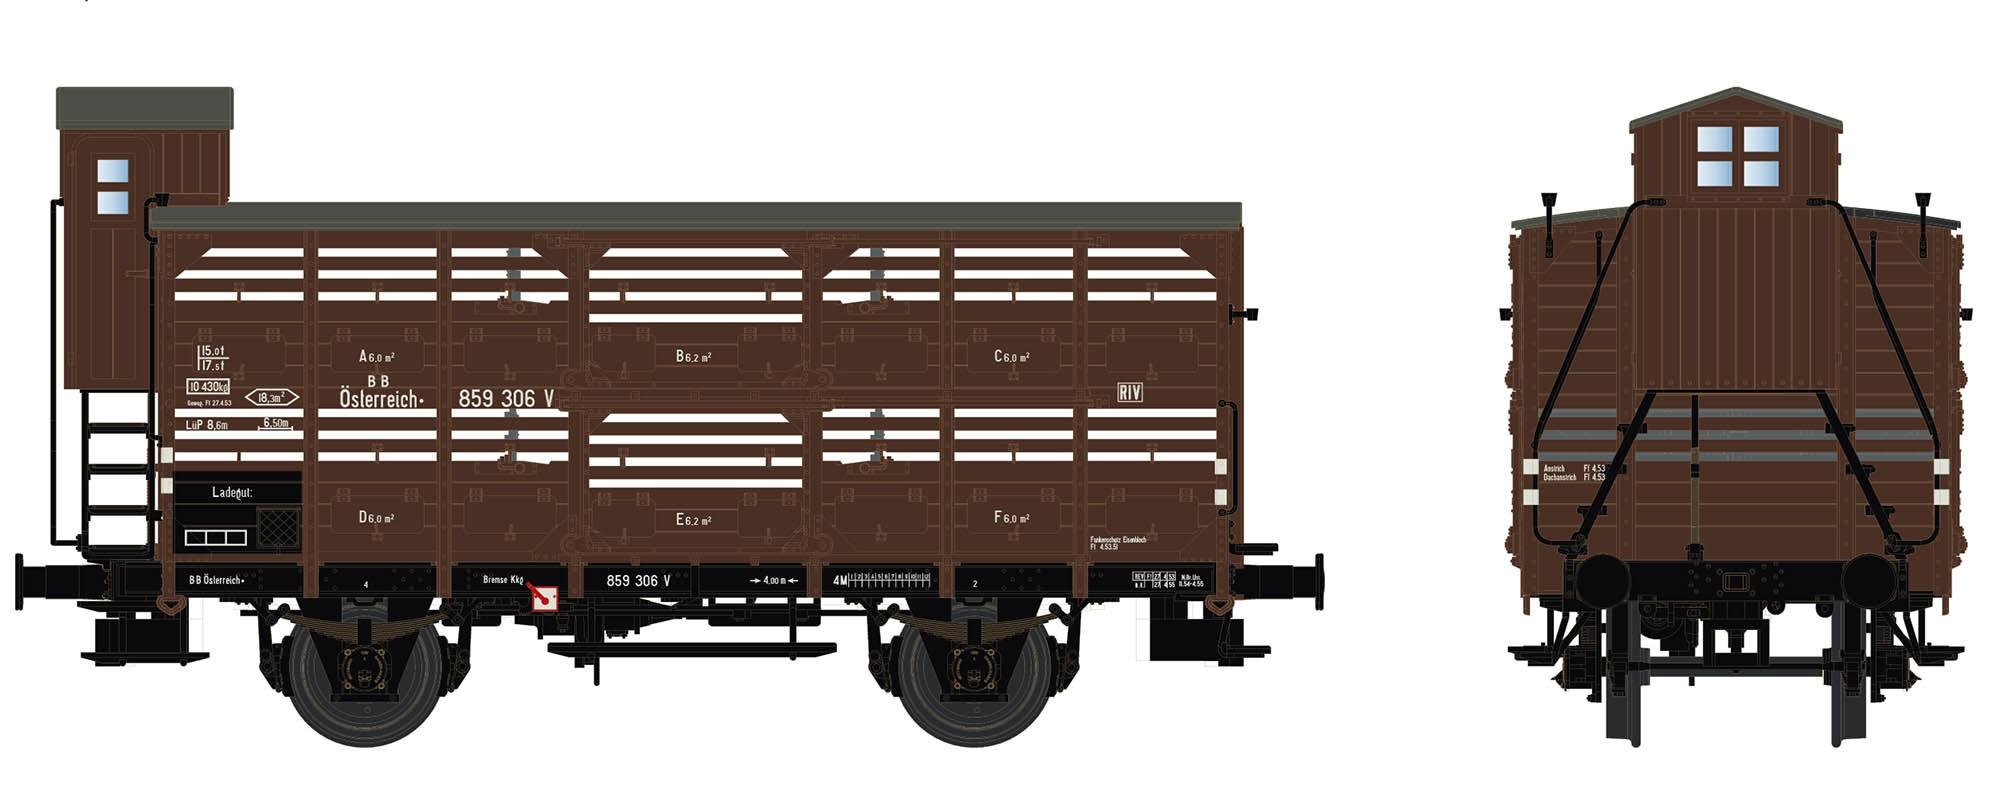 Wagenbausatz Verschlagwagen Vh14, BBÖ, Epoche IIIa